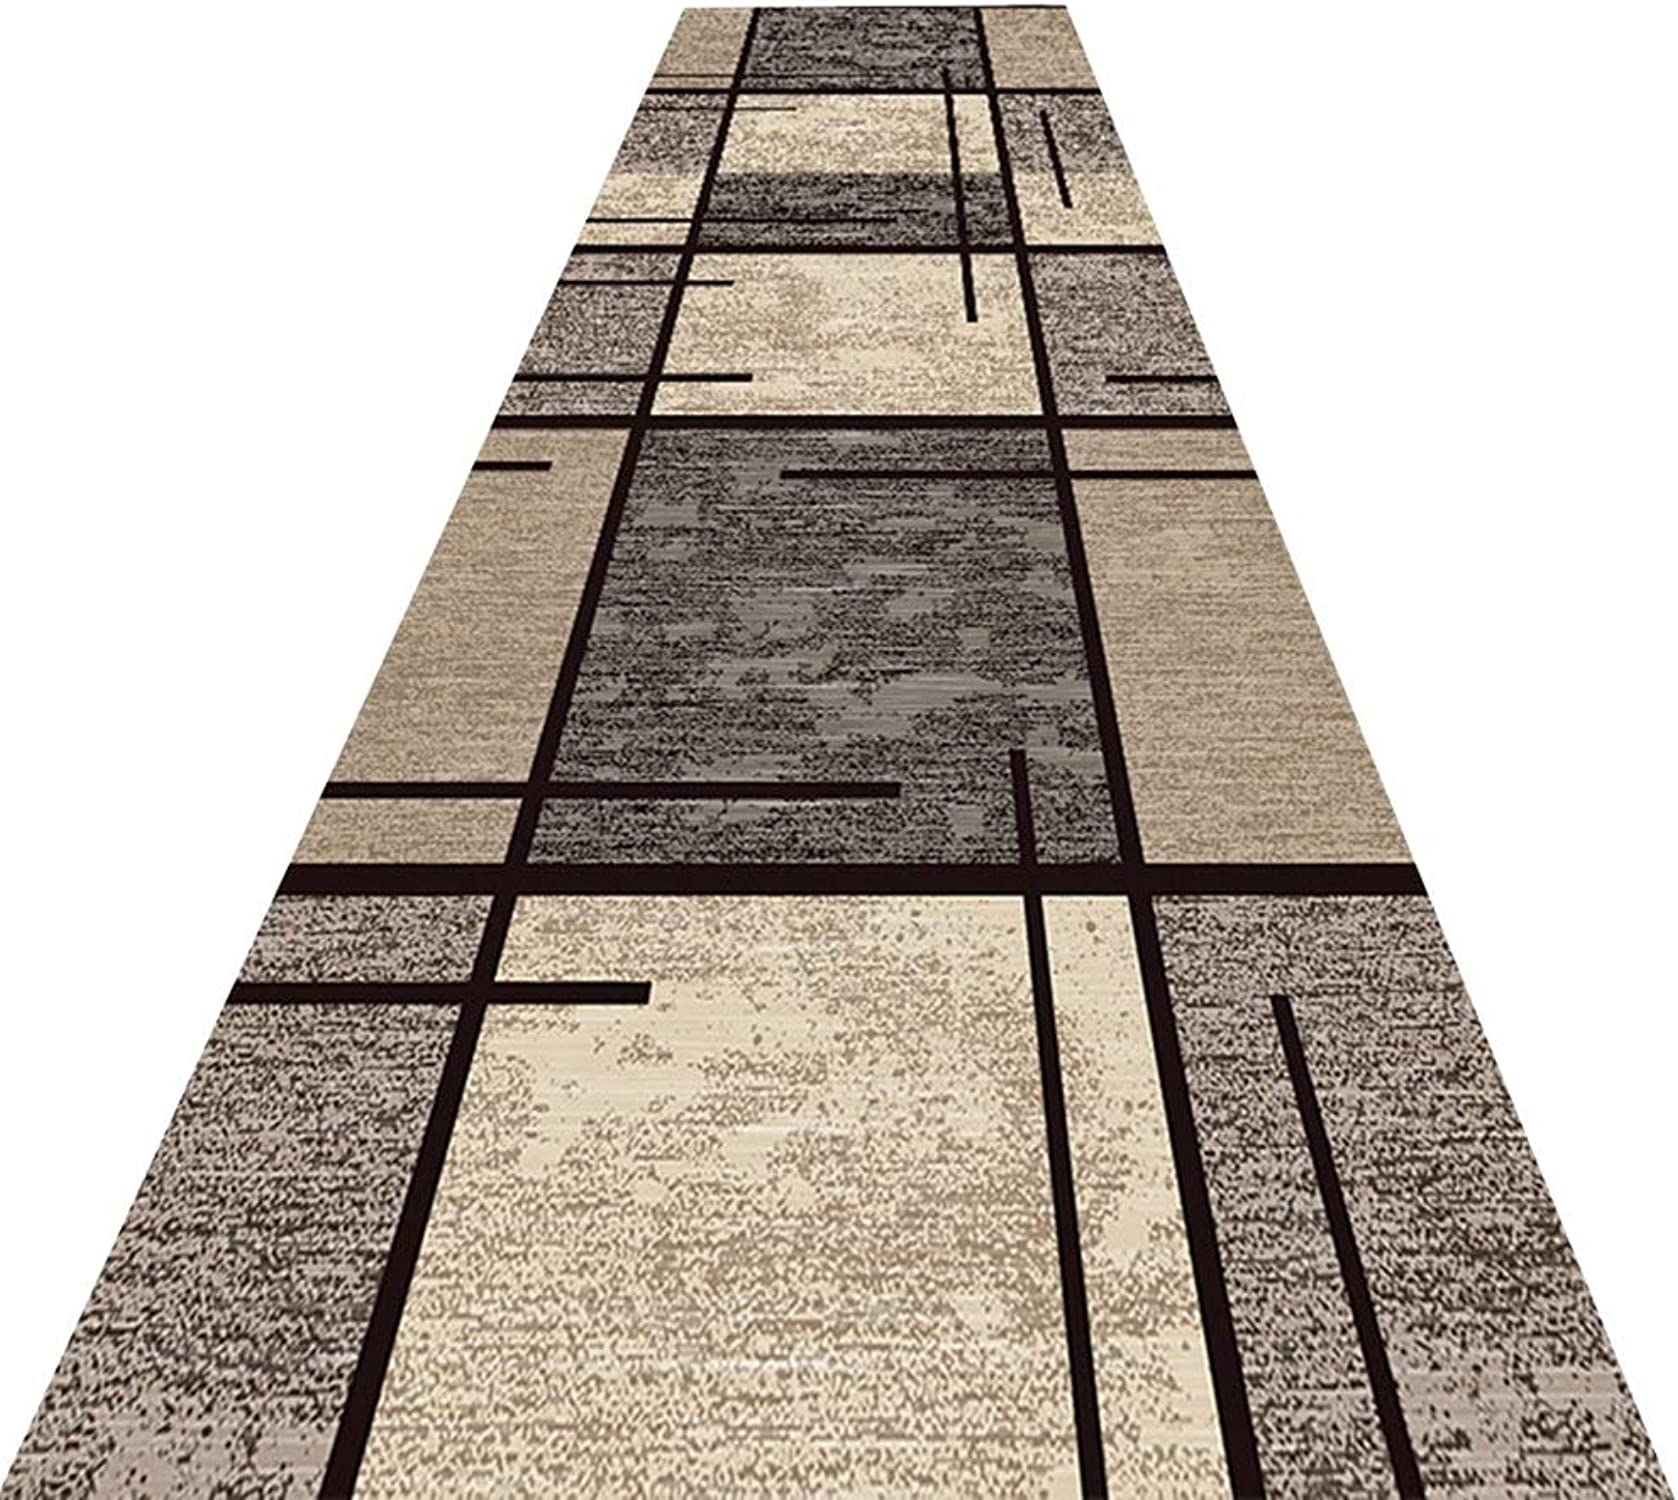 elige tu favorito HAIPENG-alfombras pasillo Extra Largo Largo Largo Corrojoor Antideslizante Entradas Estera Entrada Alfombra Contemporáneo (Color   A, Tamao   1.2x1m)  Precio por piso